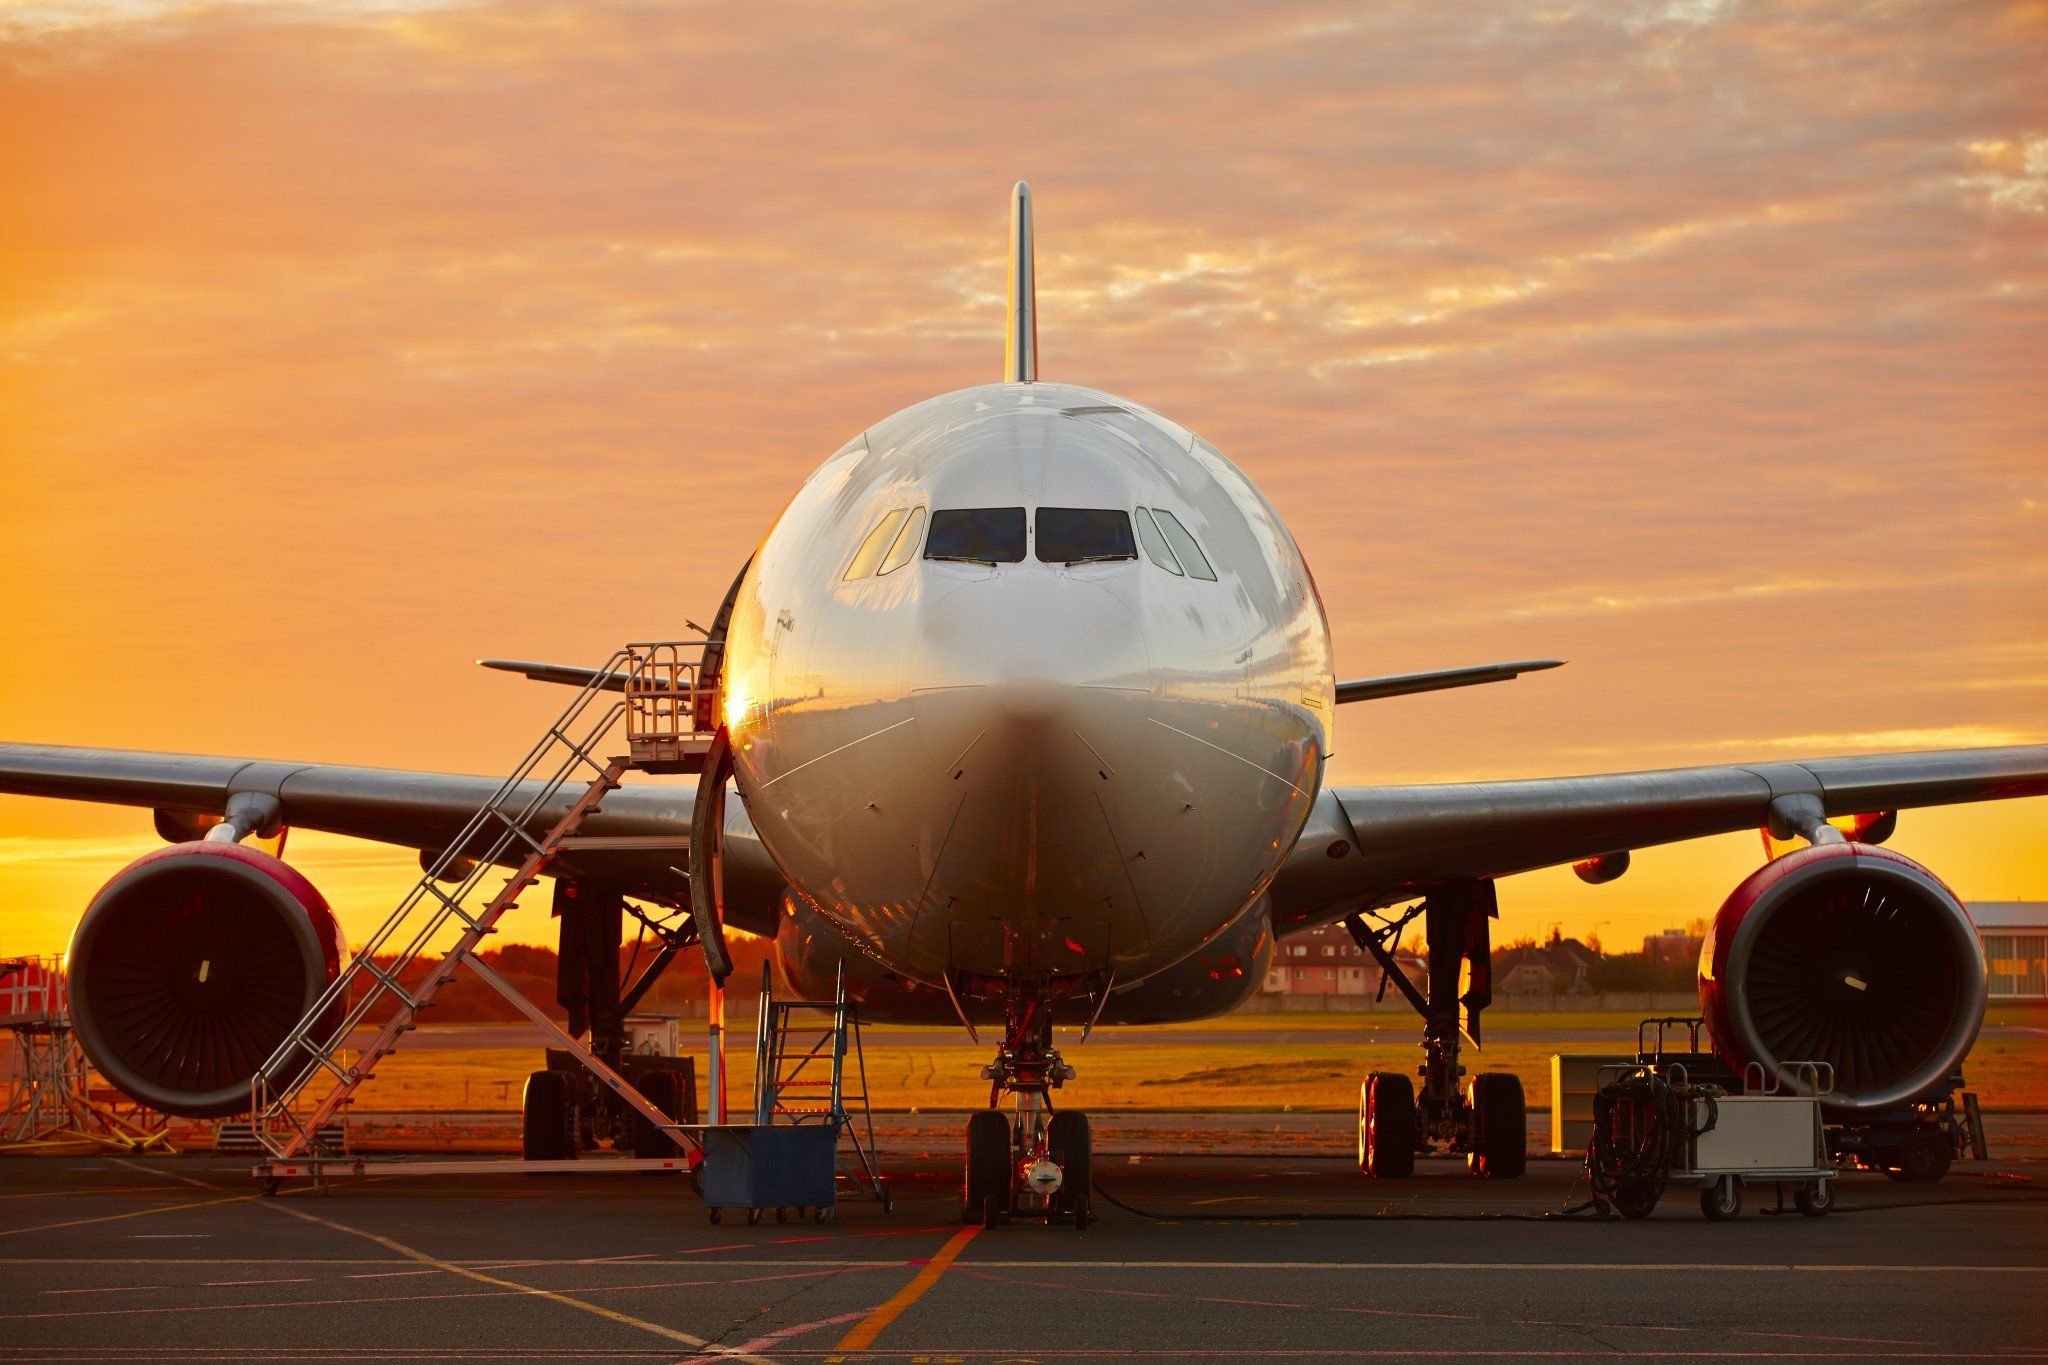 International Air Tickets - Get Them Spending Less